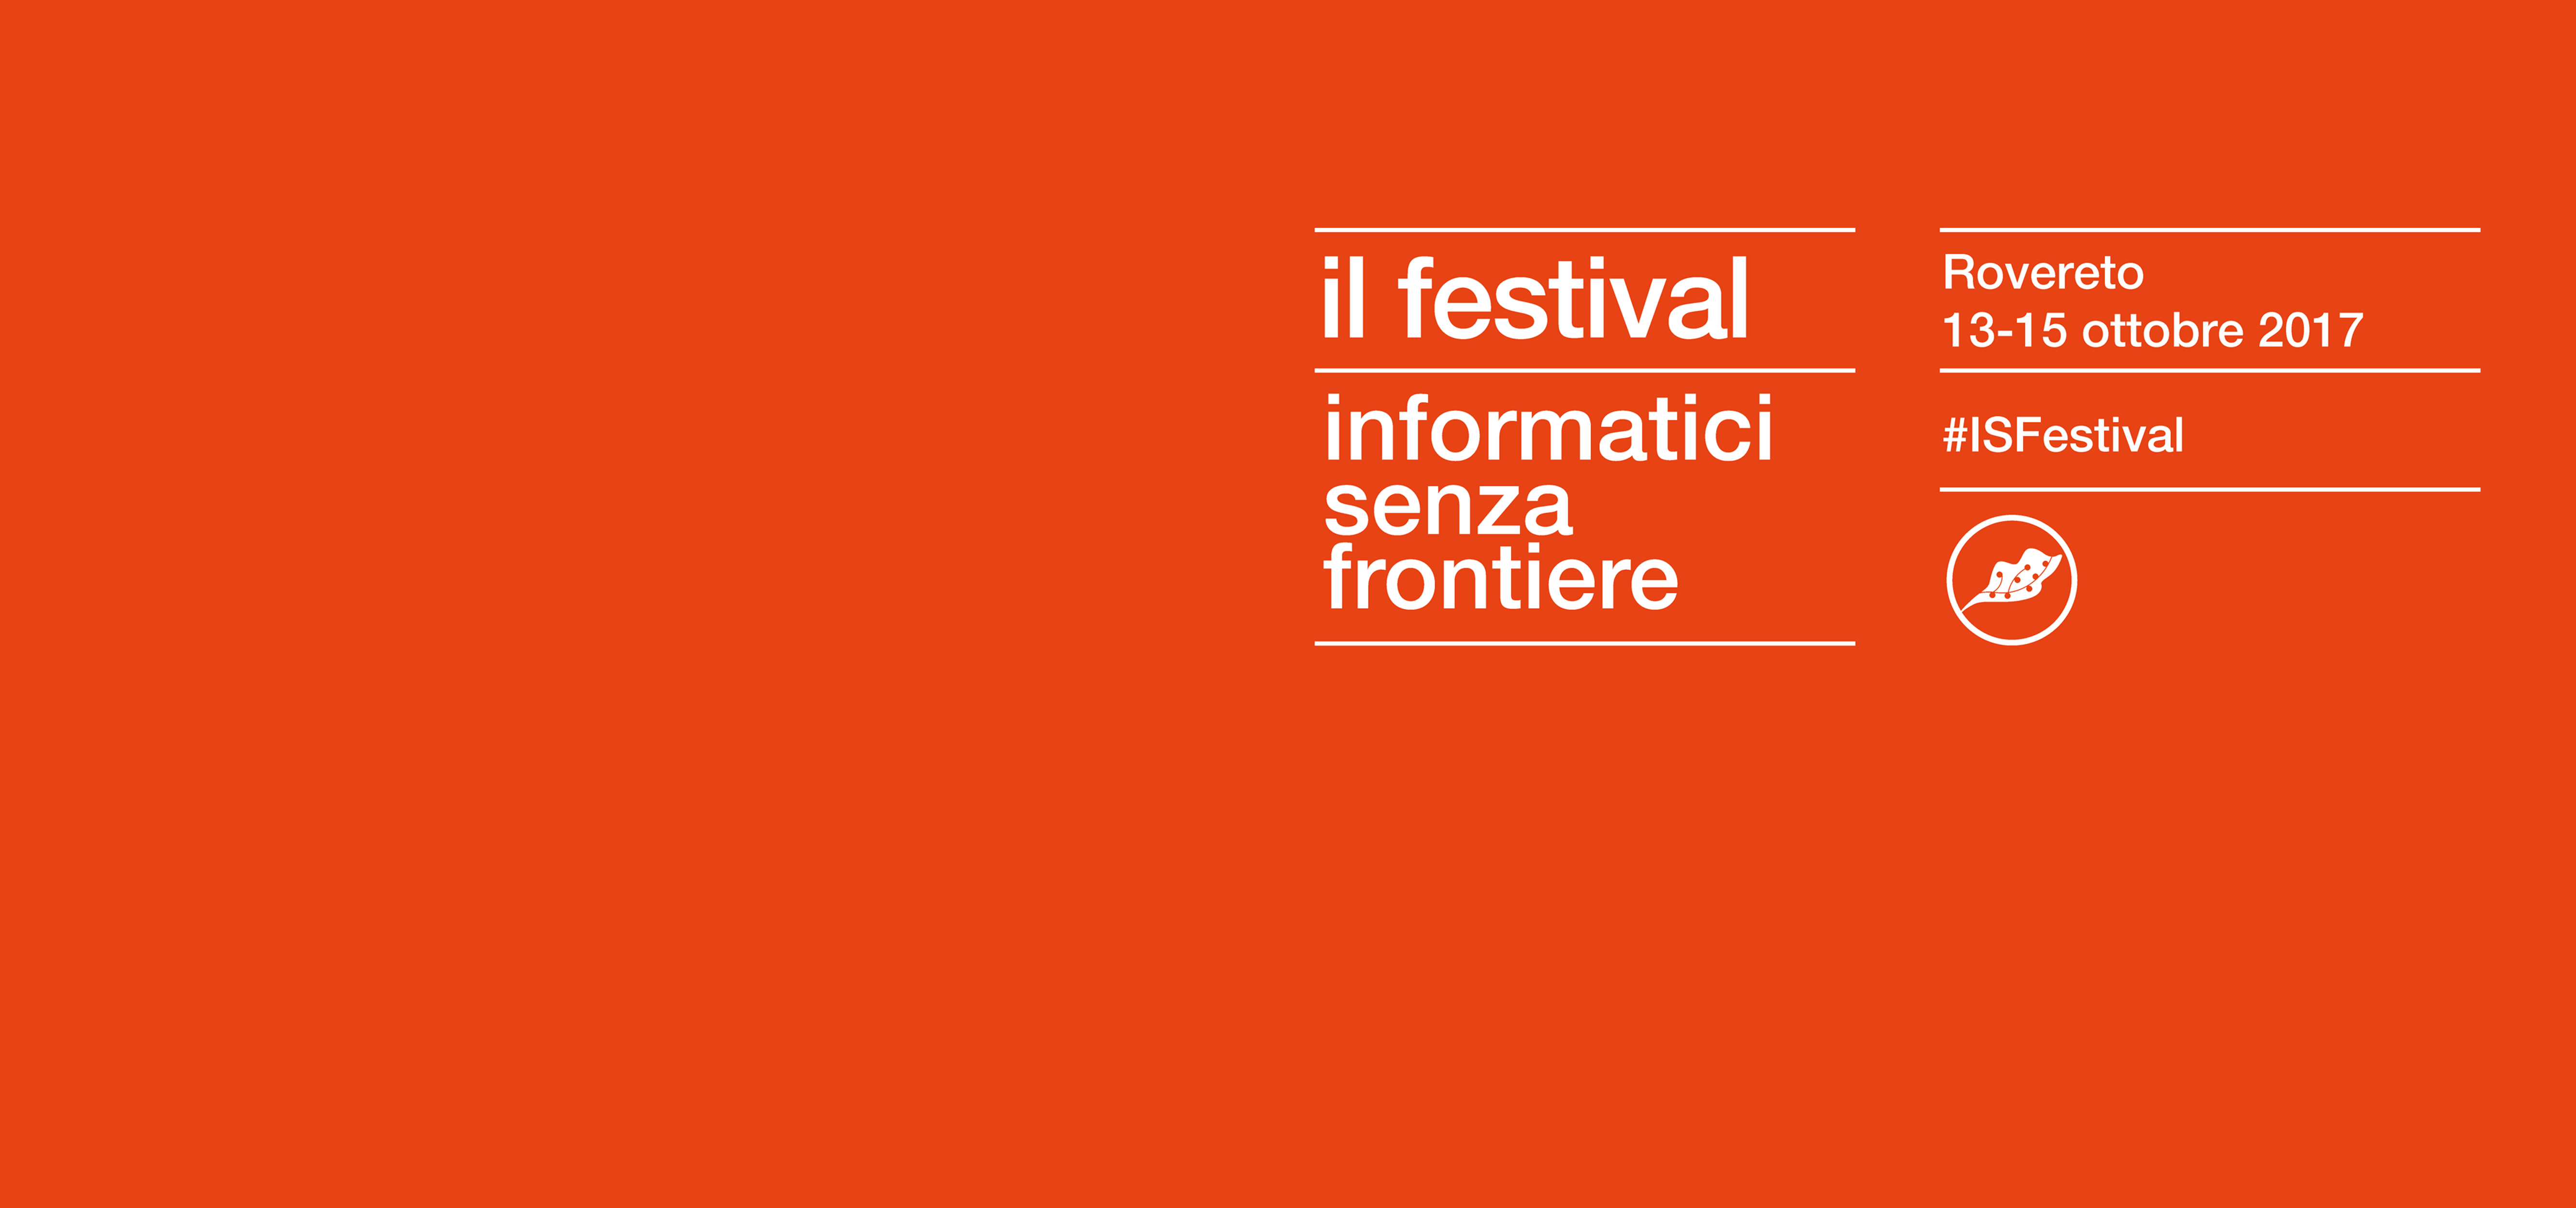 Il festival di Informatici Senza Frontiere